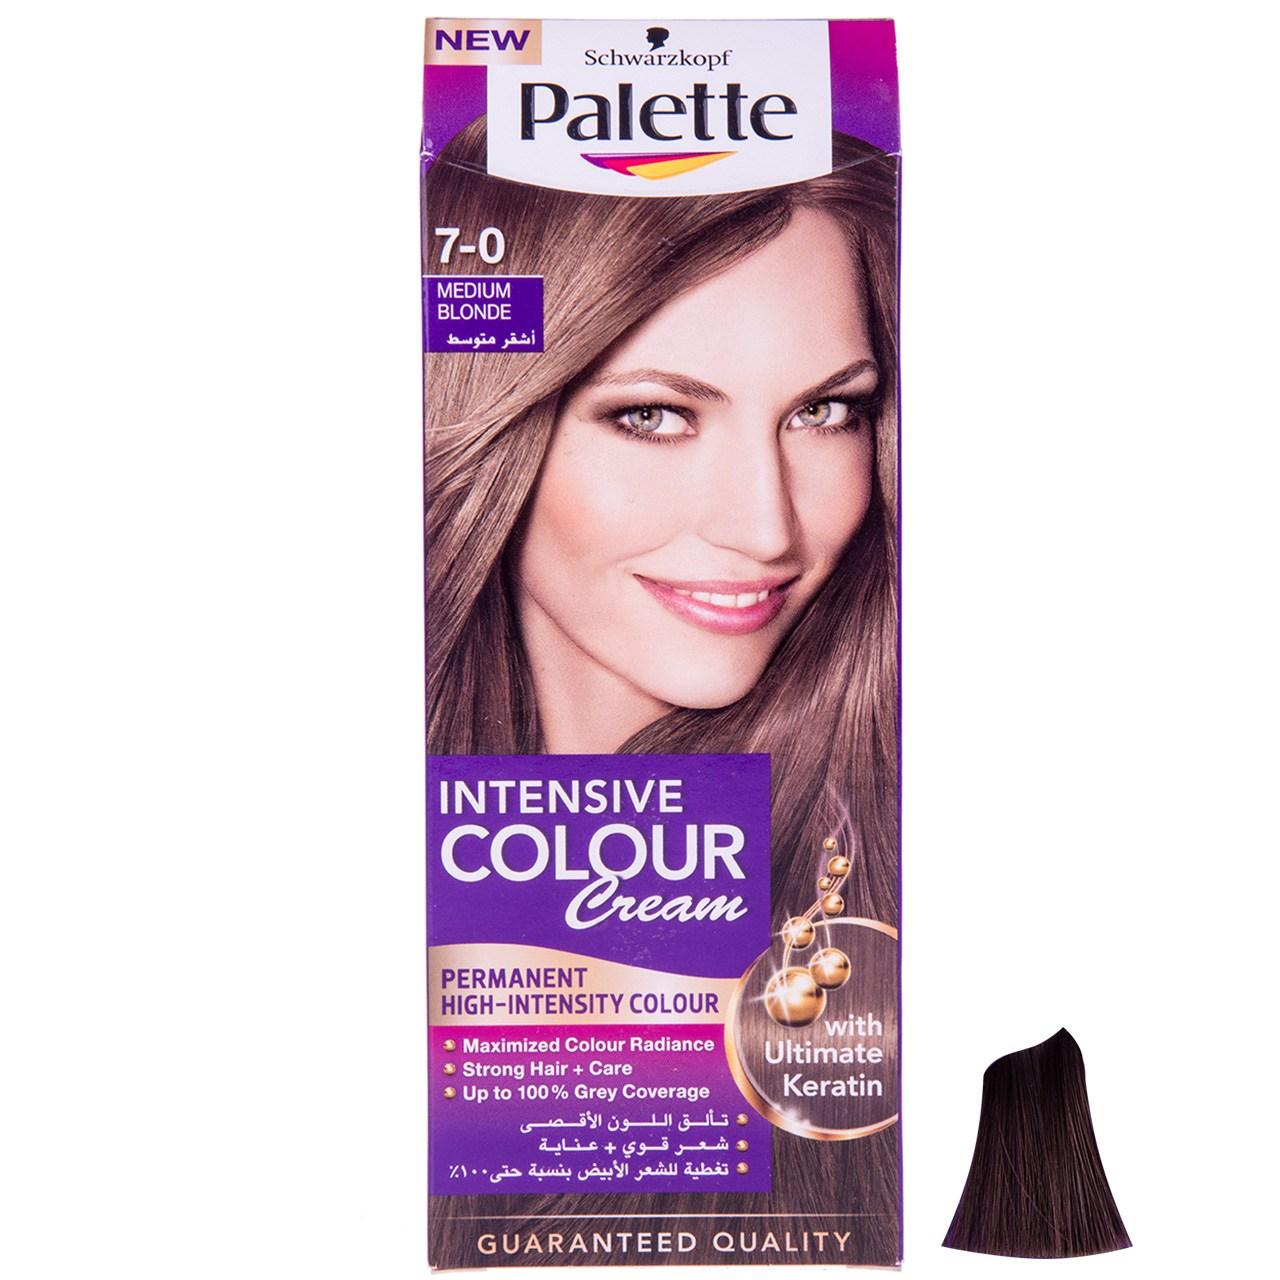 کیت رنگ مو پلت سری Intensive Colour Cream مدل بلوند متوسط شماره 0-7